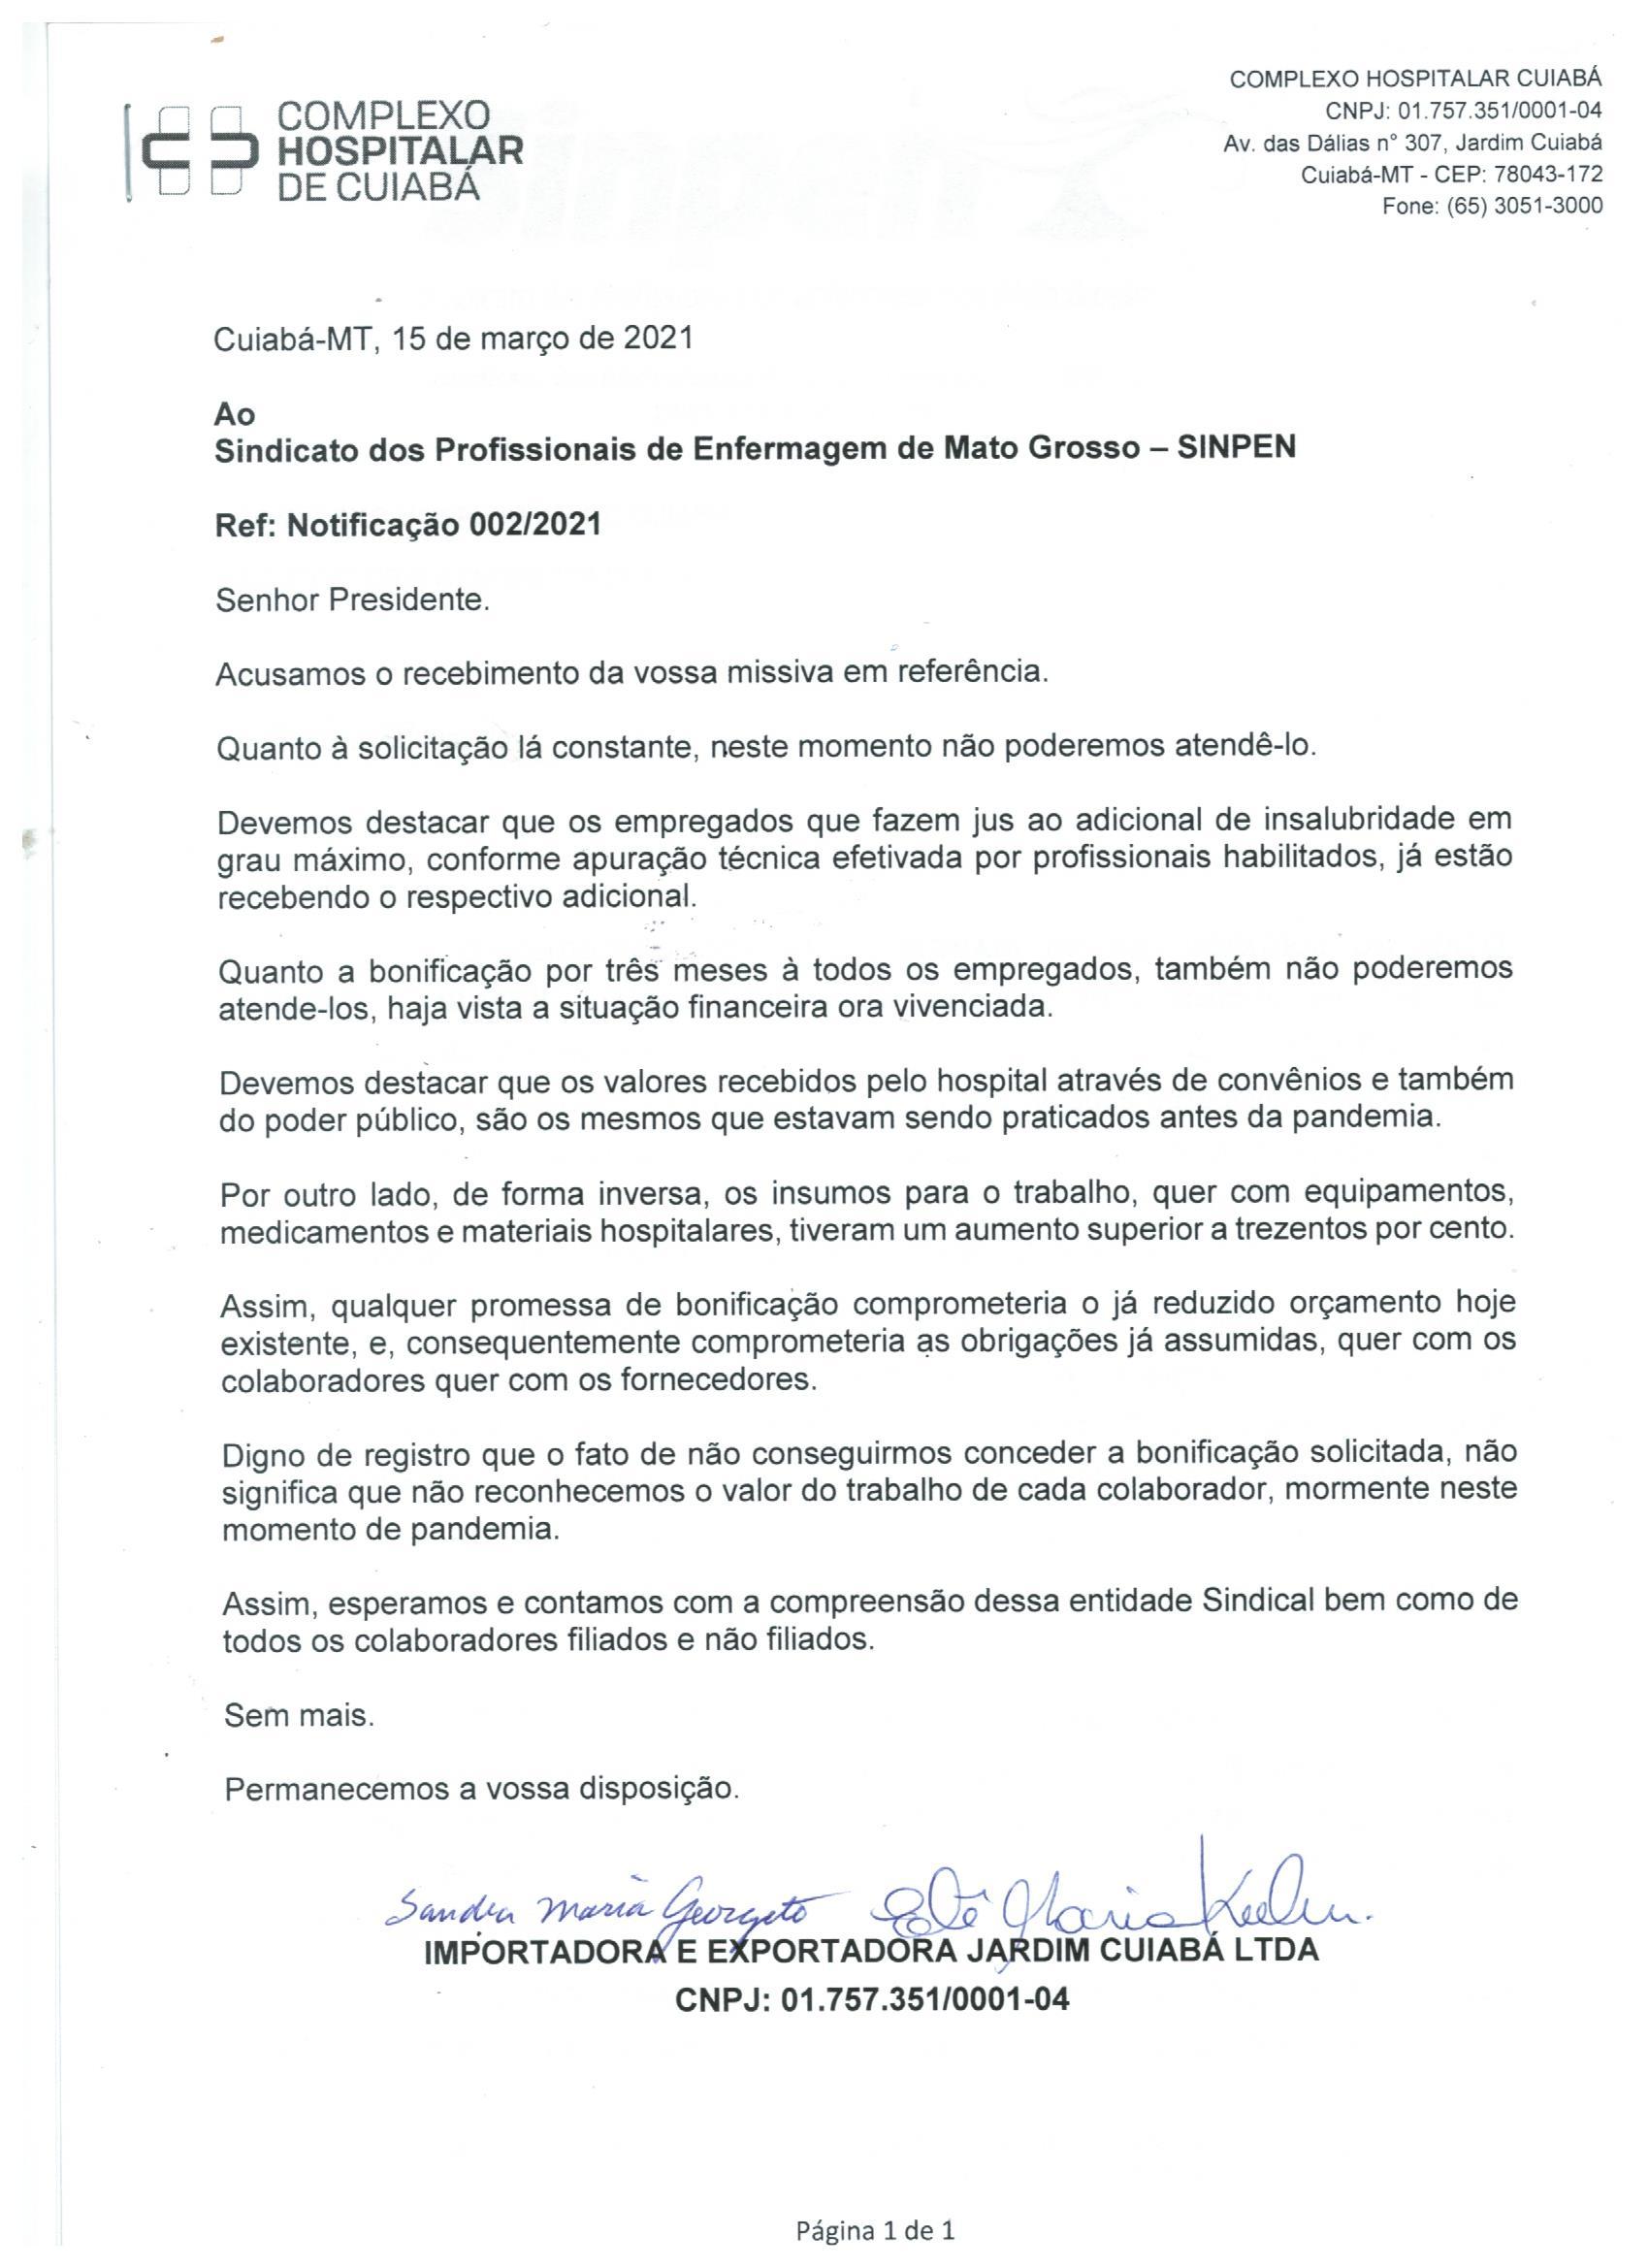 Resposta do Complexo Hospitalar de Cuiabá à solicitação do Sindicato